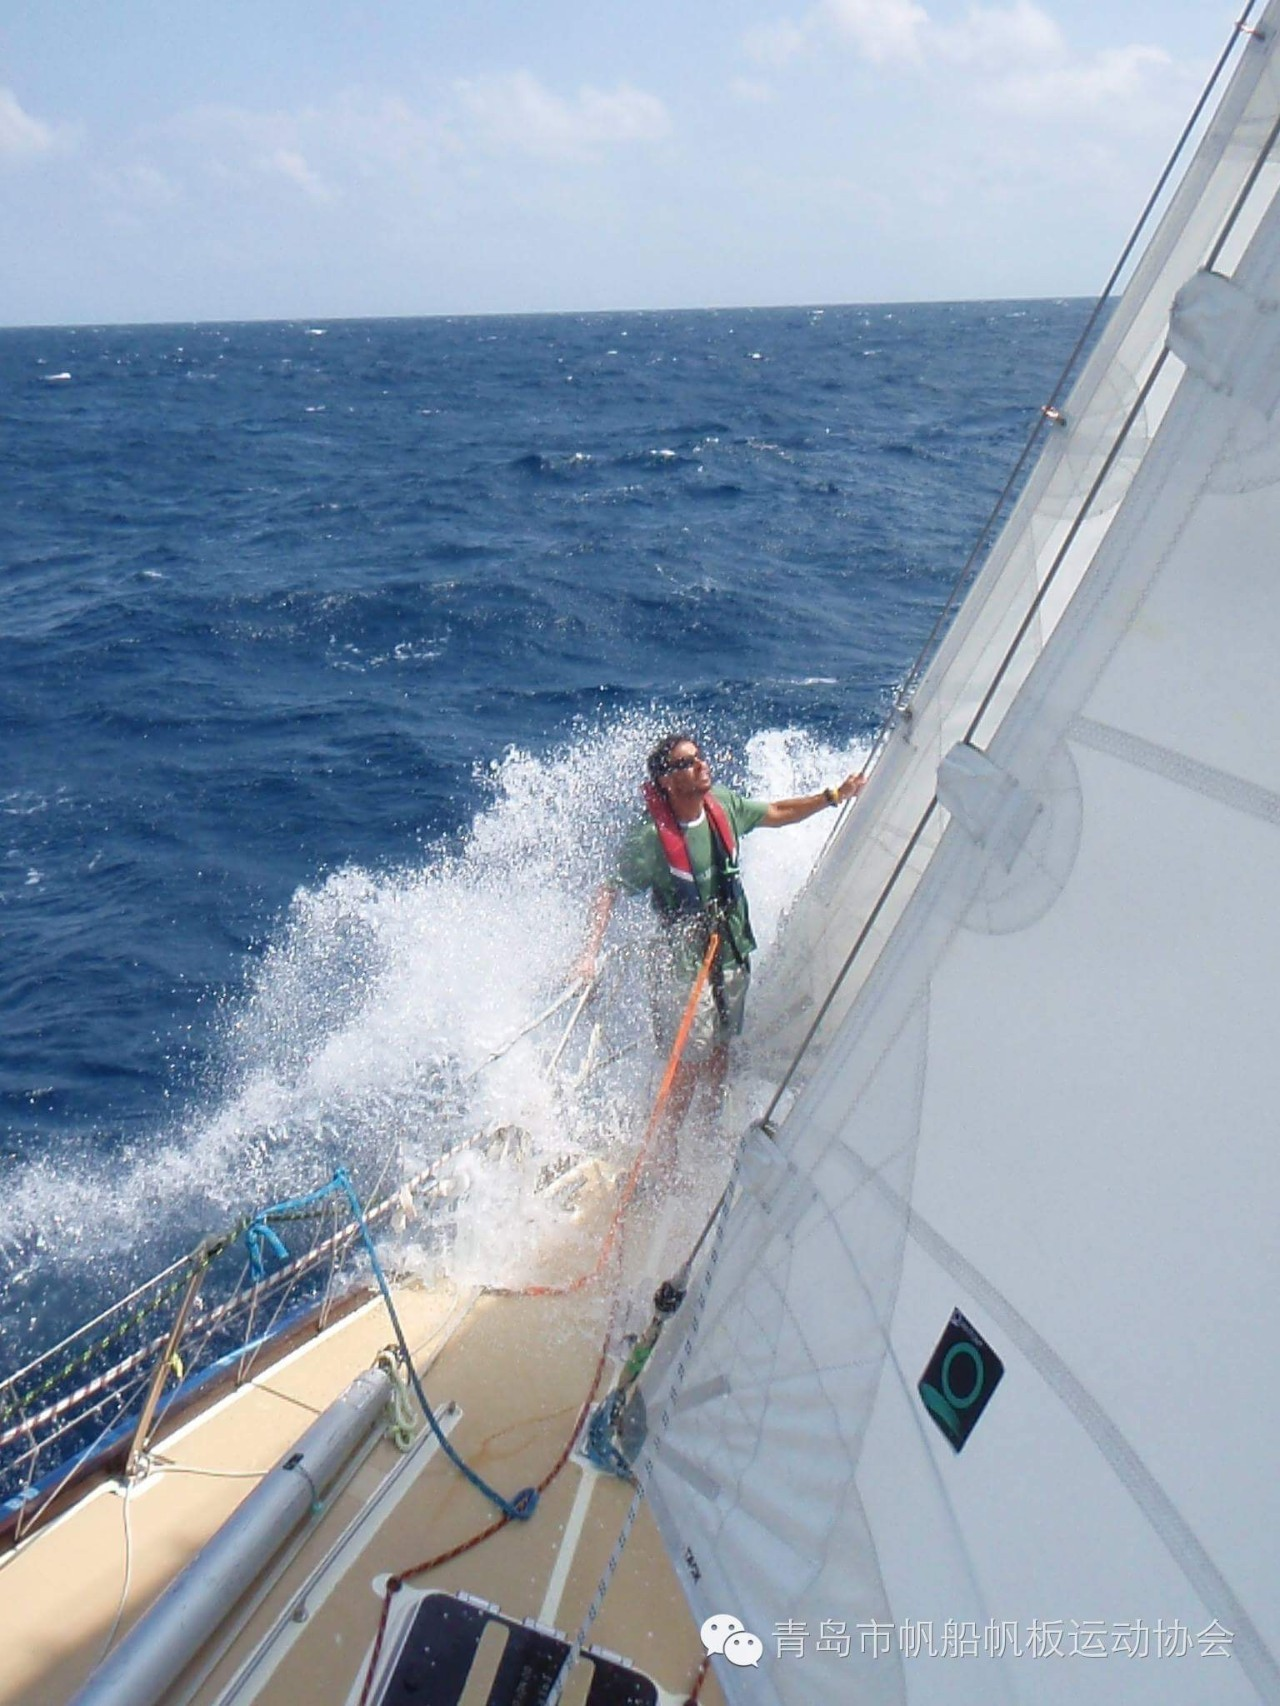 文殊菩萨,周年庆典,青岛市,诺克斯,英国伦敦 青岛市帆船帆板运动协会常务副会长林志伟出席在伦敦举行的克利伯帆船赛20周年庆典... 3940e521fc32667e0bd5ab29b96472e6.jpg